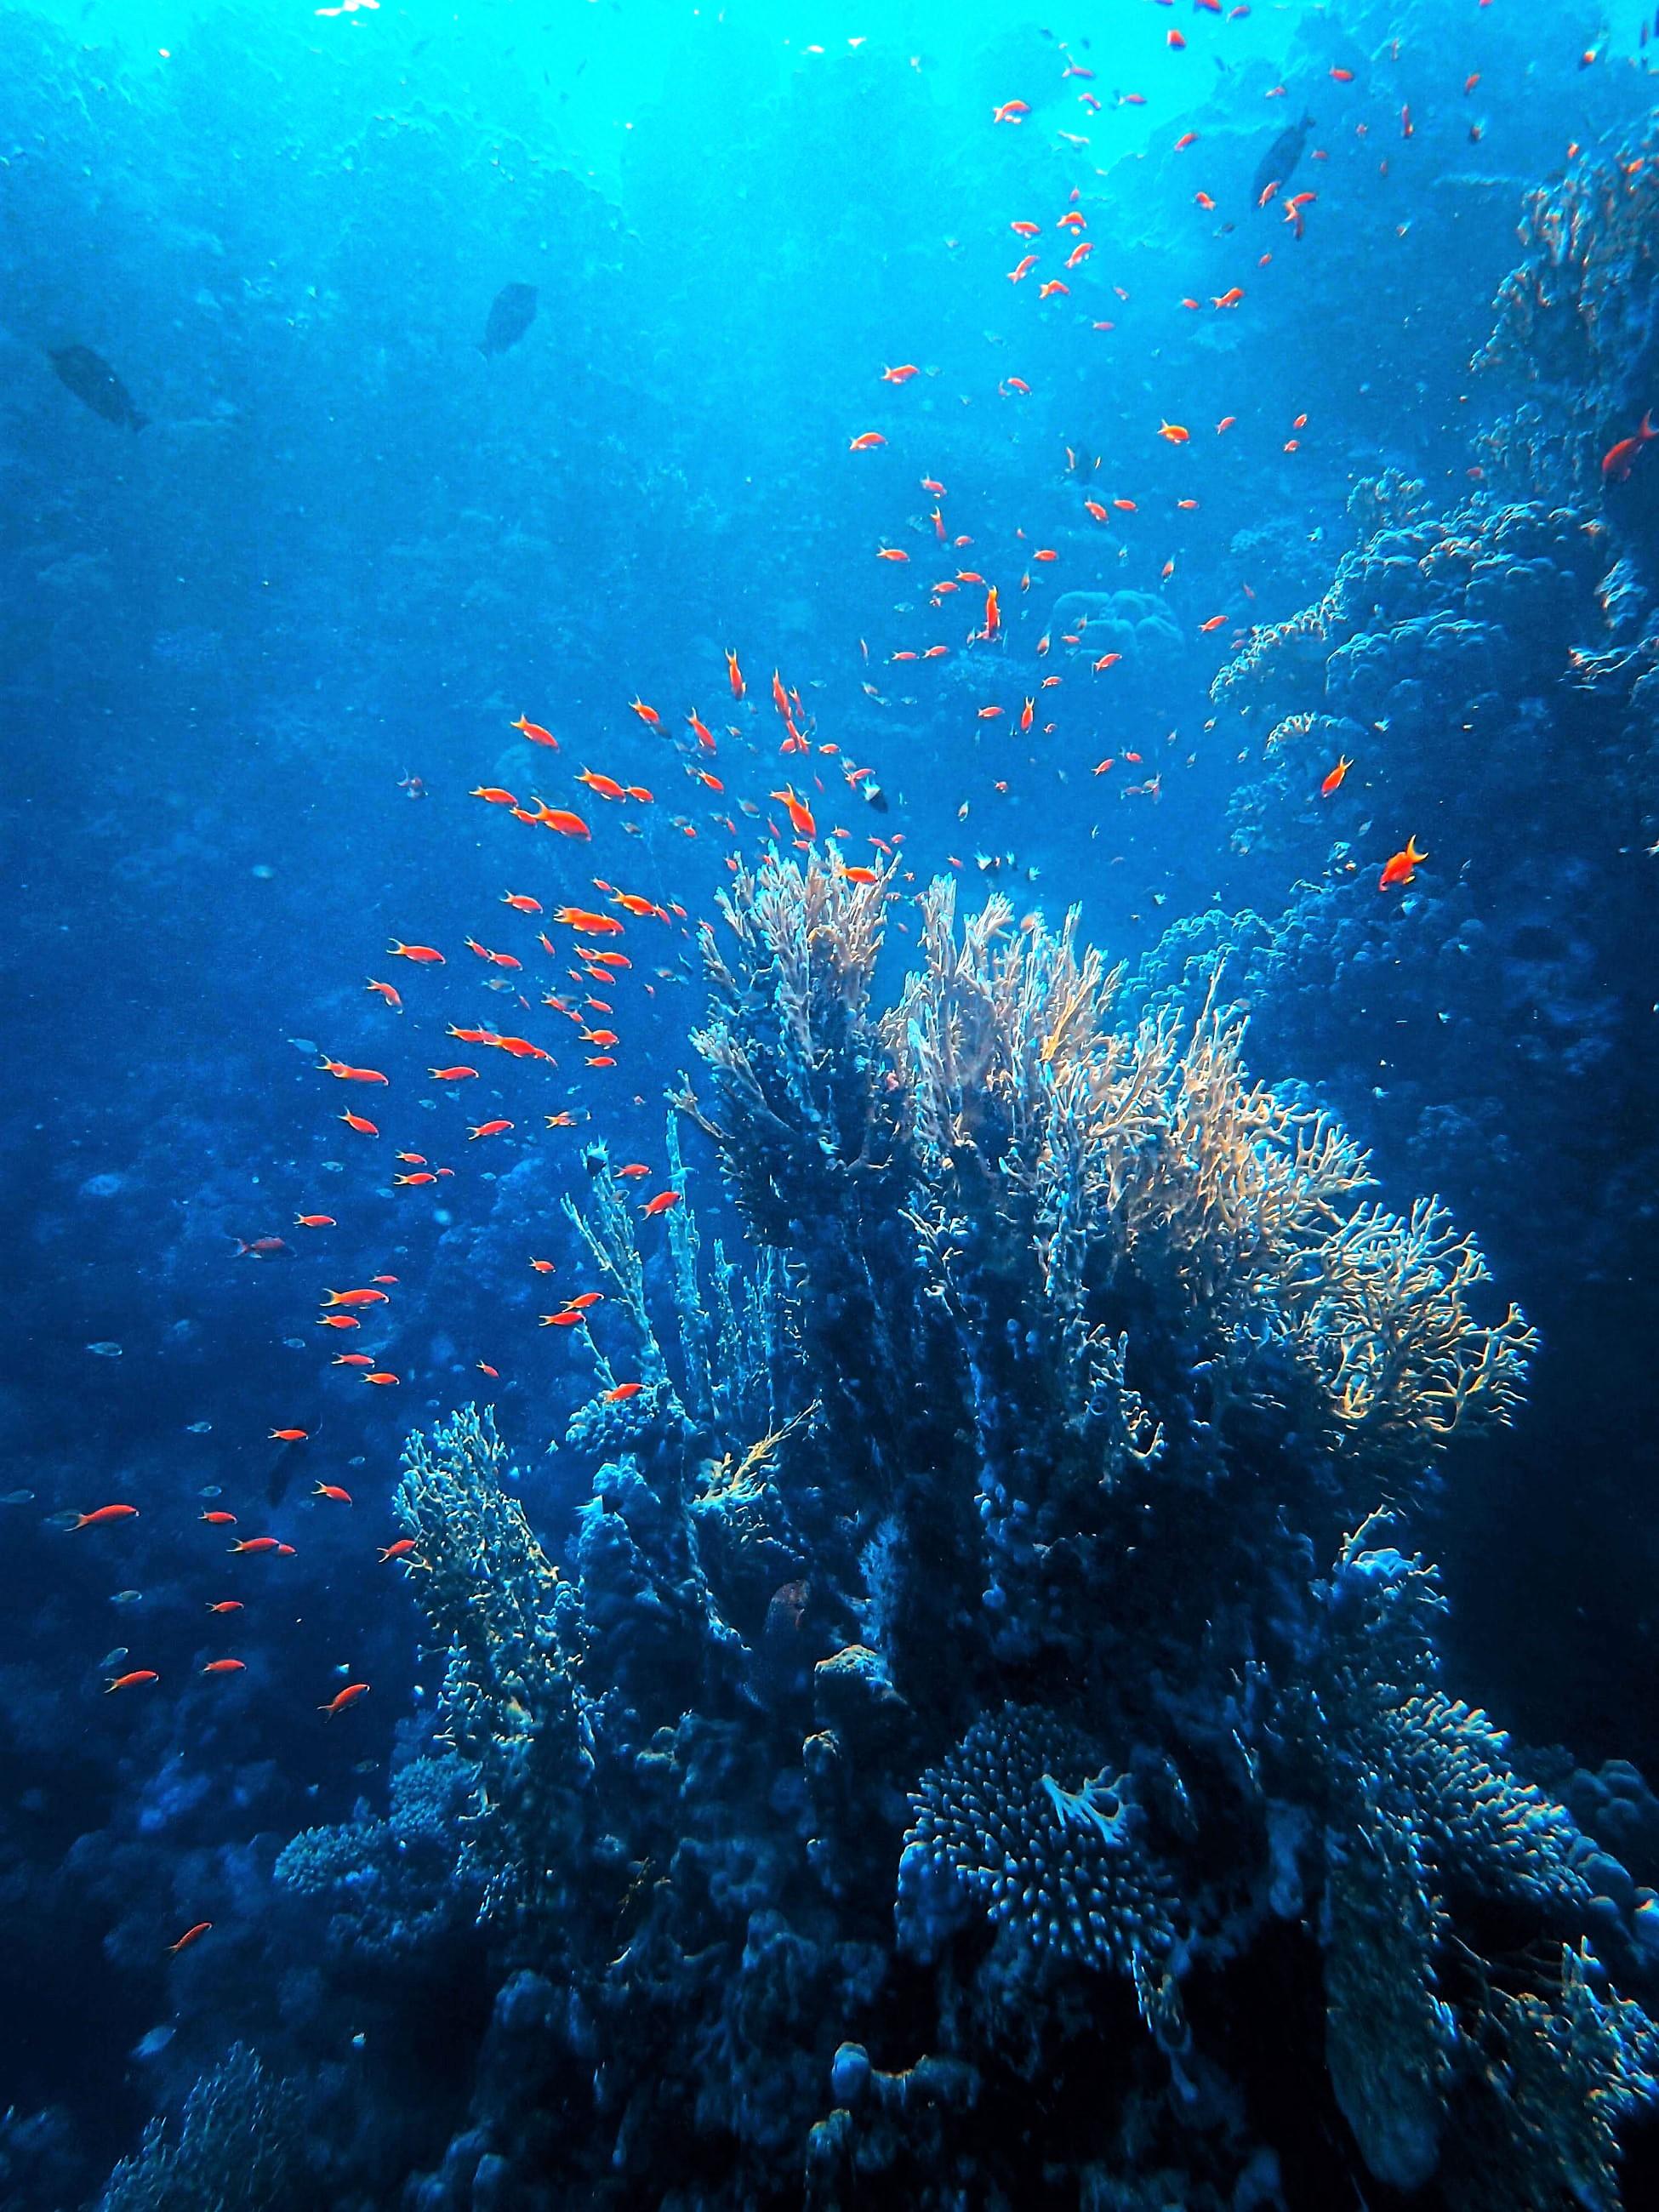 Фото Francesco Ungaro. unsplash.com